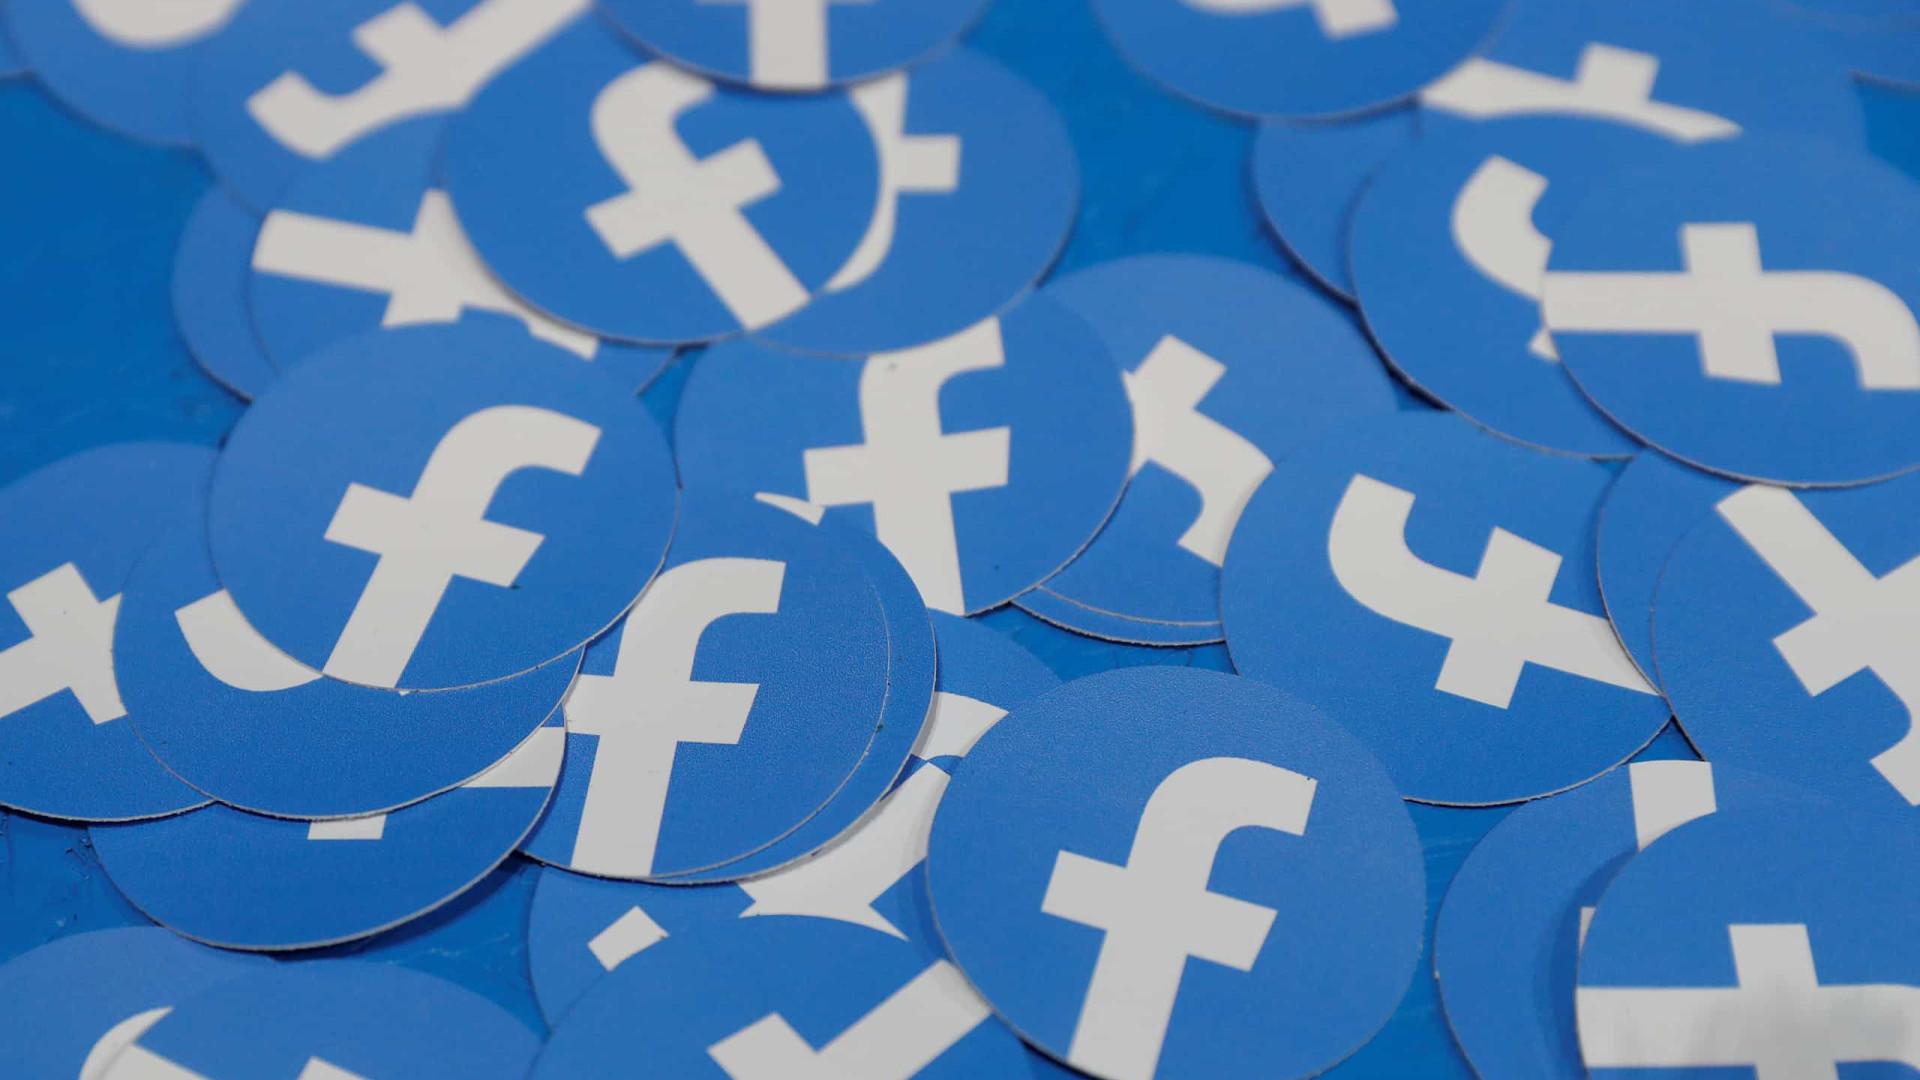 Facebook corrigiu erro no iPhone mas as suspeitas ainda não pararam